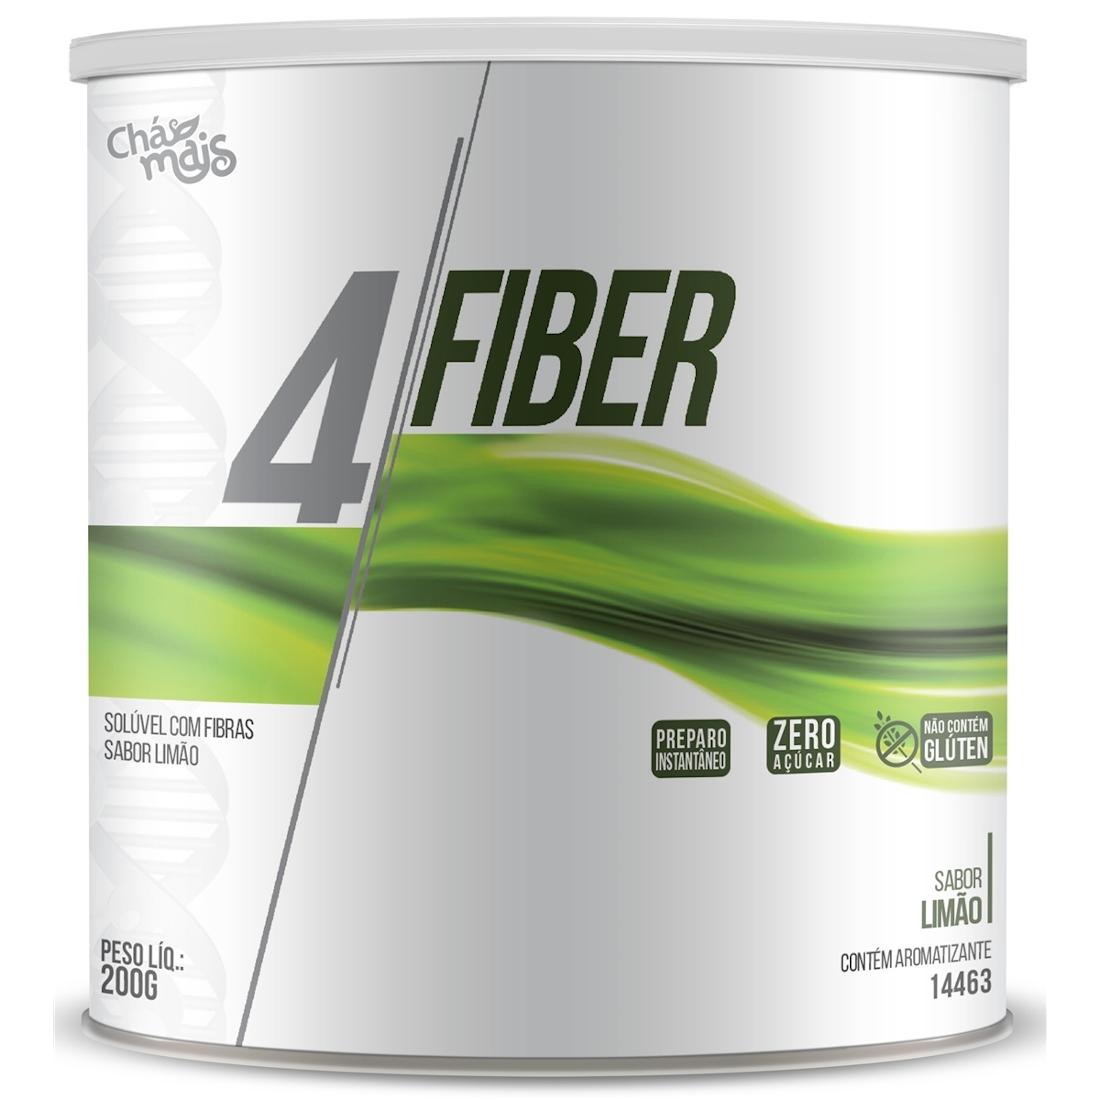 4 Fiber Solúvel de Fibras sabor Limão 200g